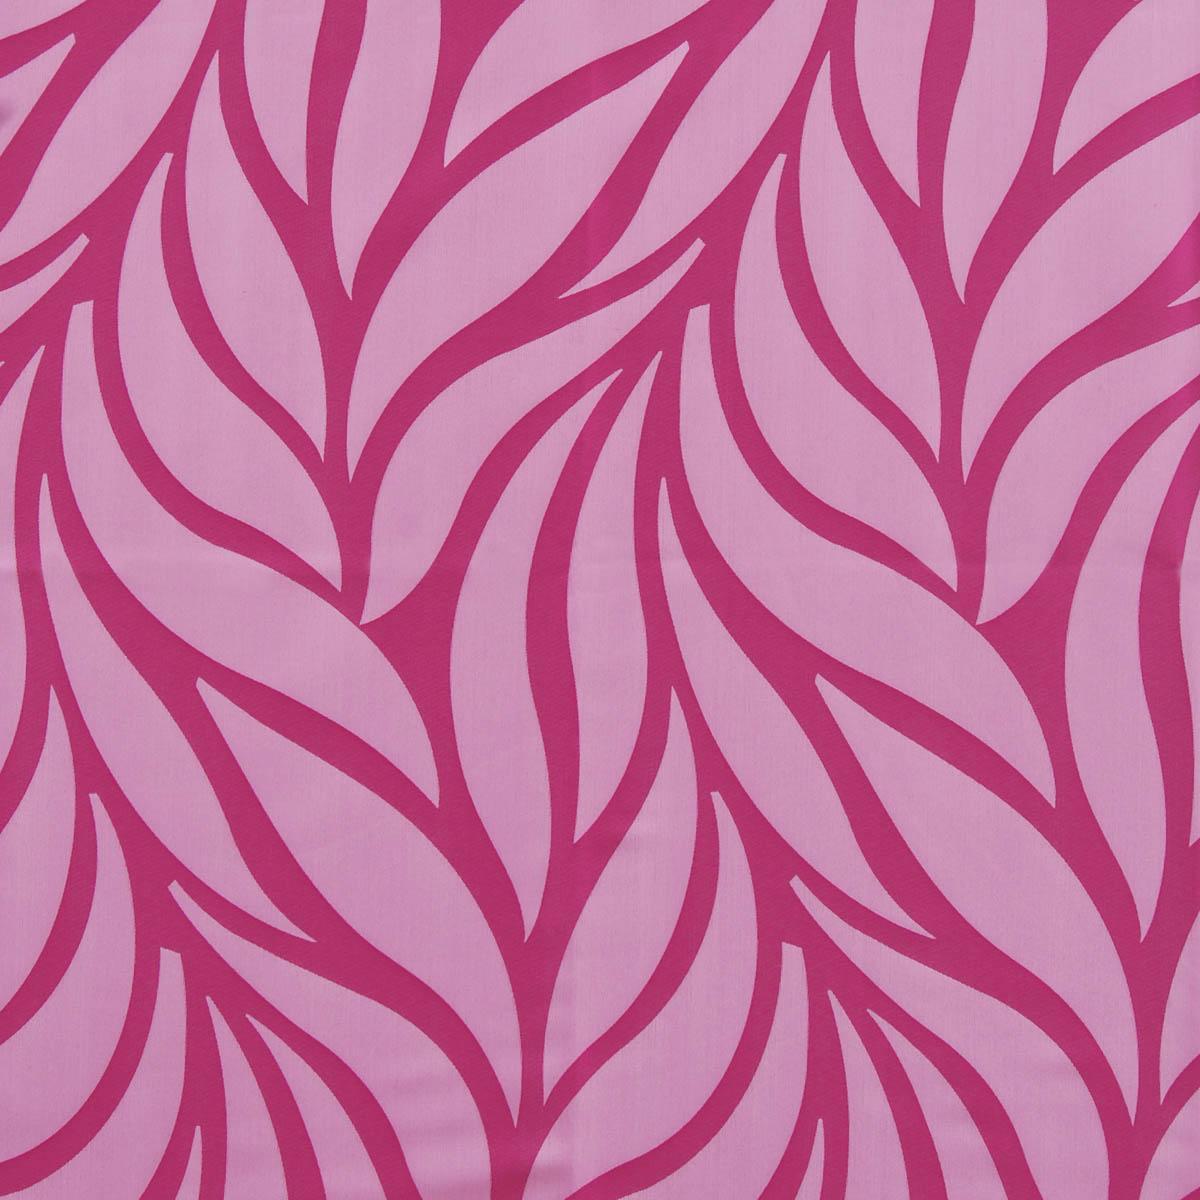 Hot pink curtains - Pampas Jacquard Curtain Fabric